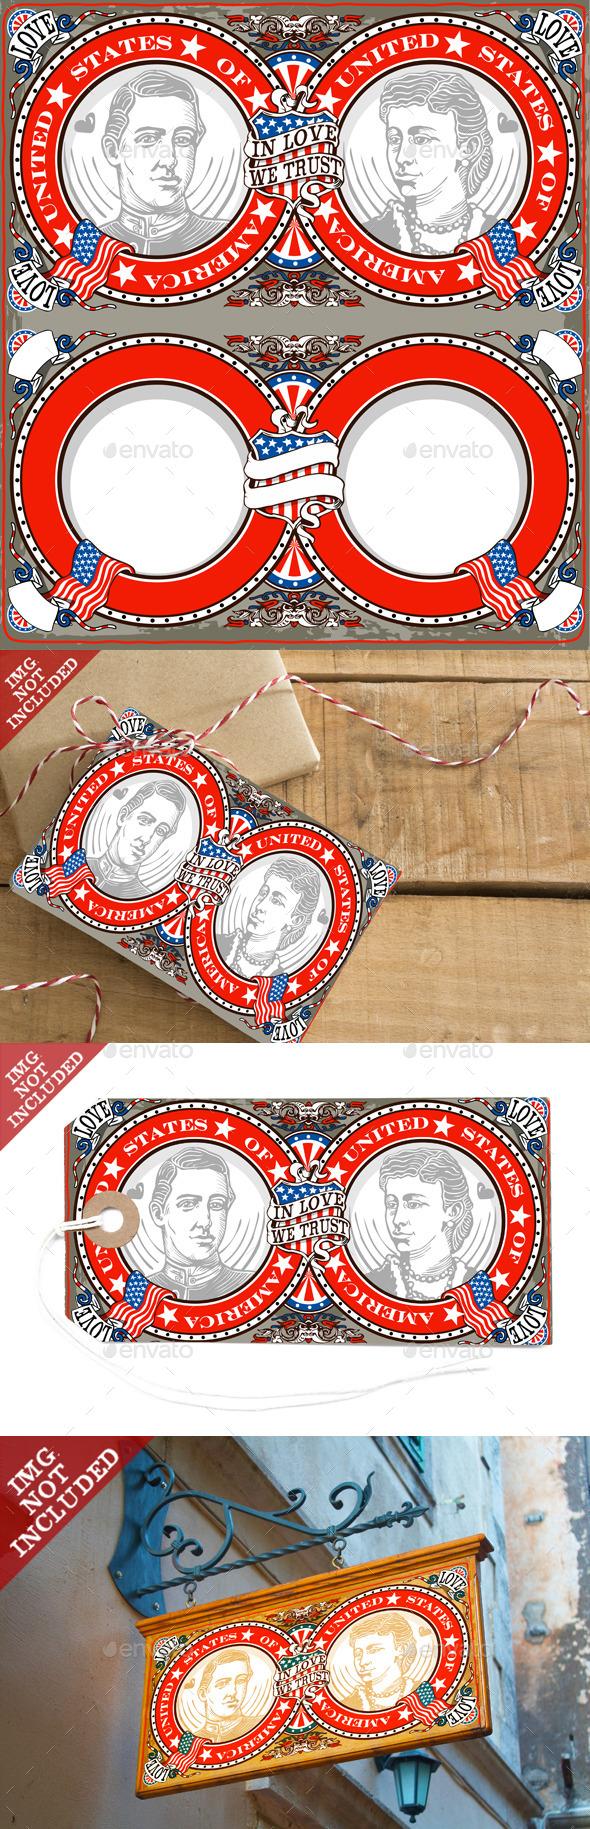 GraphicRiver American Vintage Patriot Wedding Invite 10025222